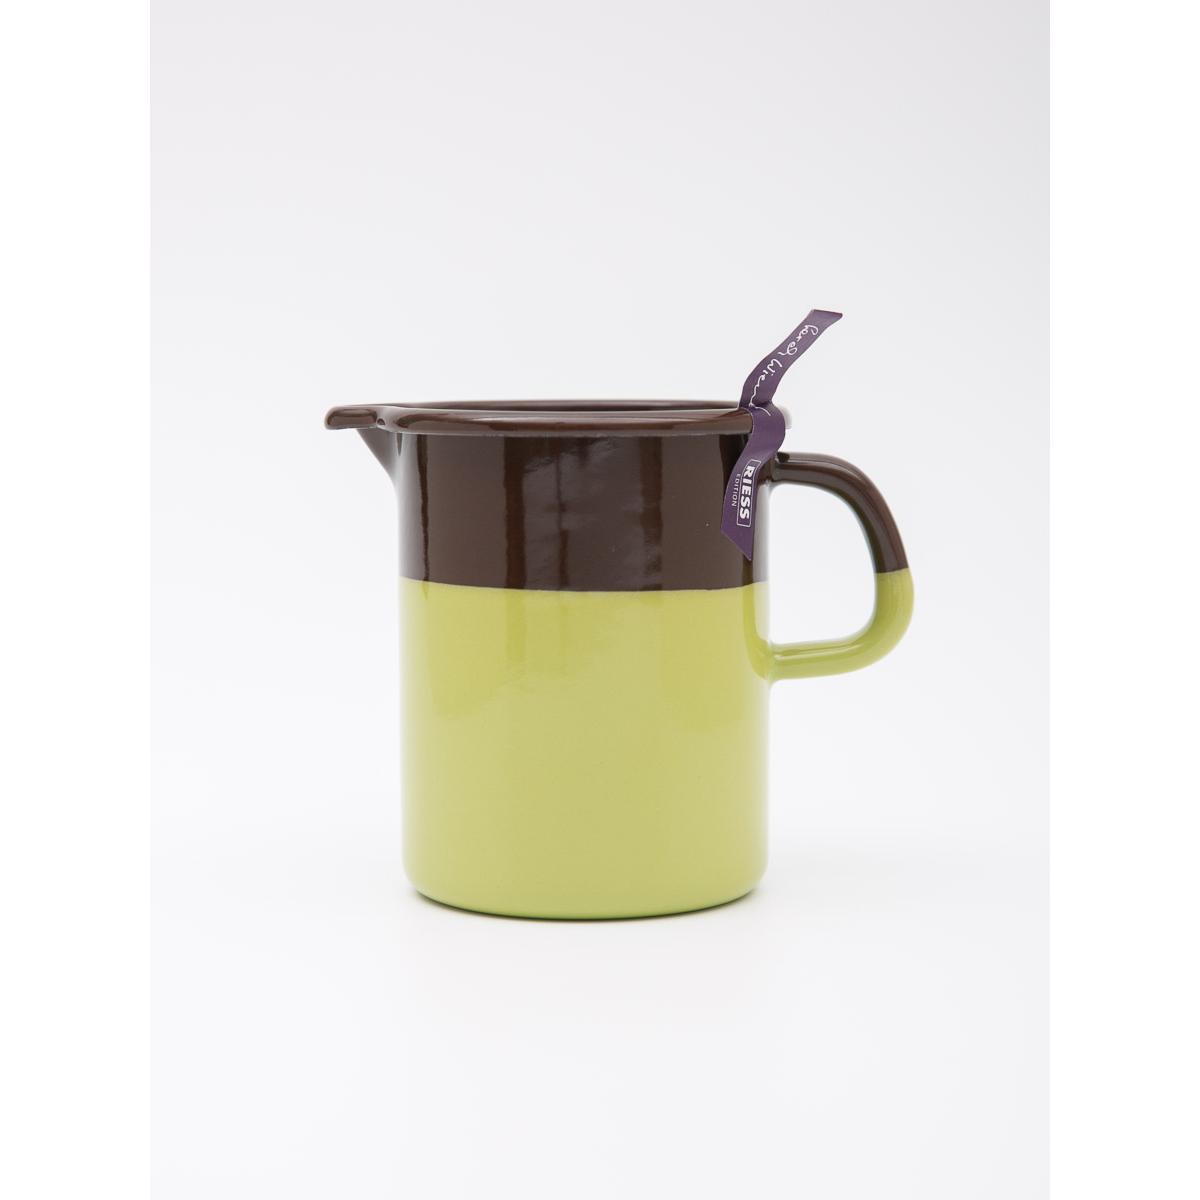 500毫升量杯 - 朱古力色配綠色